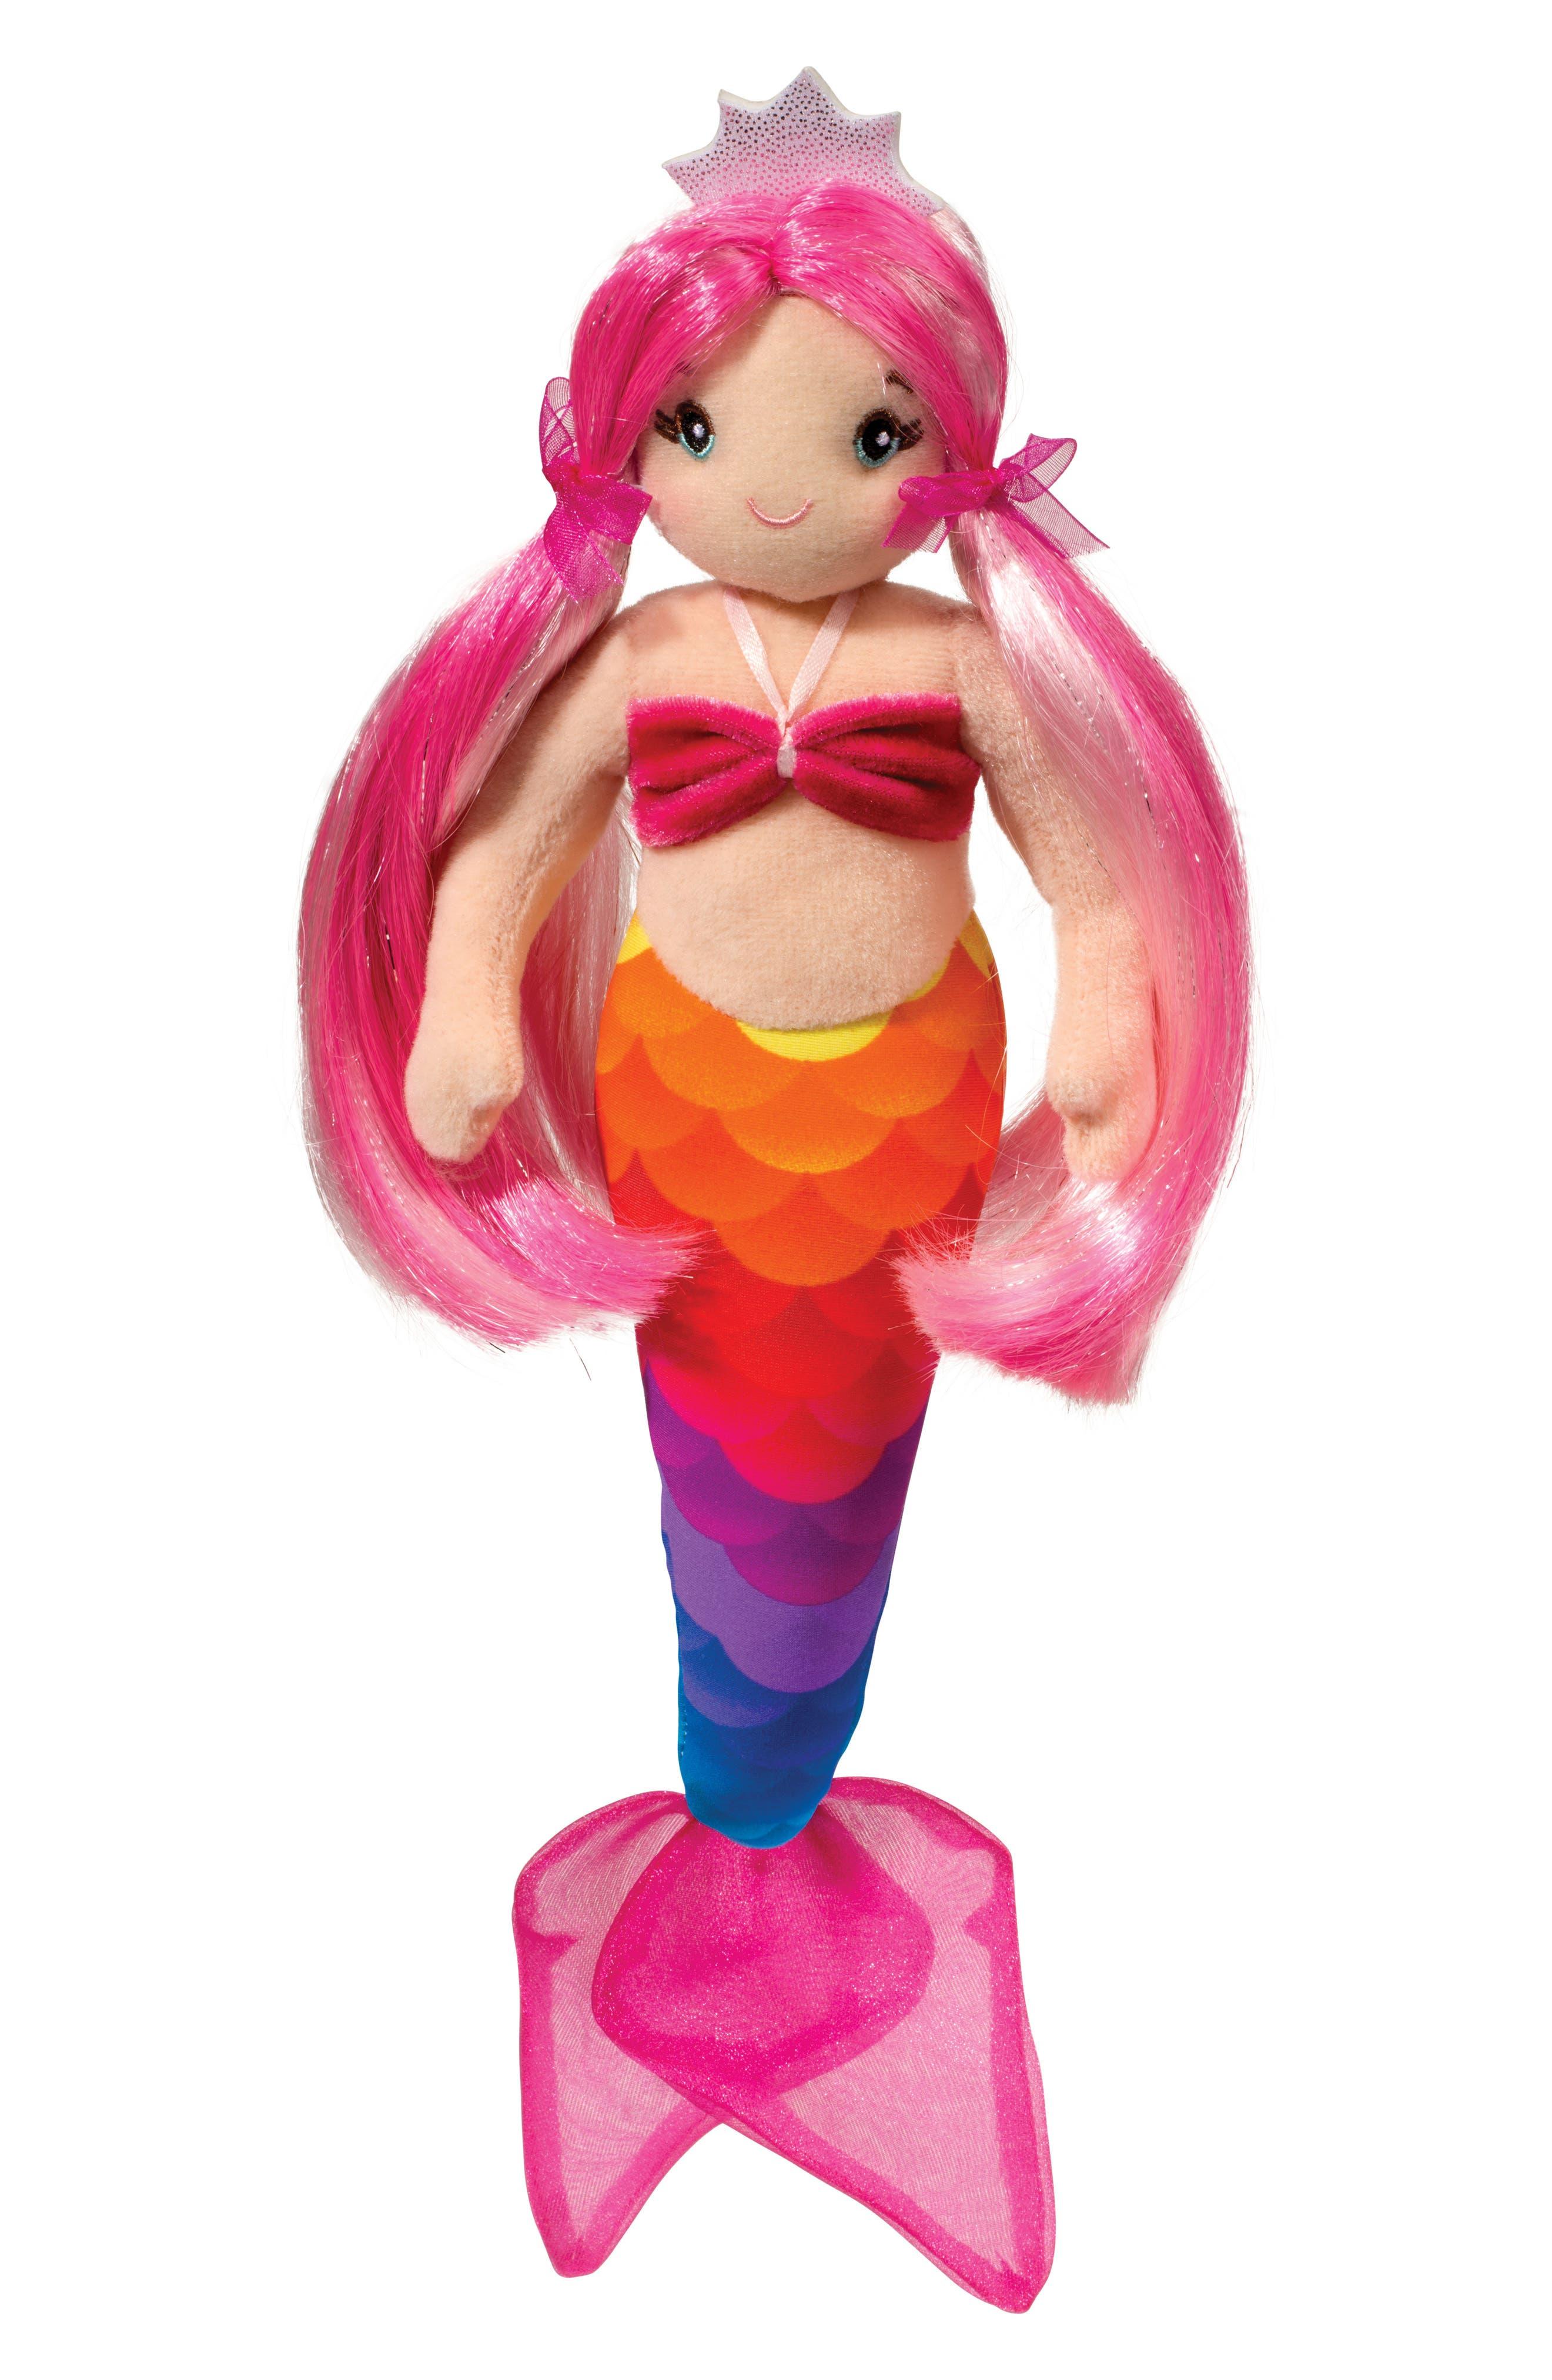 Douglas Arissa Rainbow Mermaid Doll